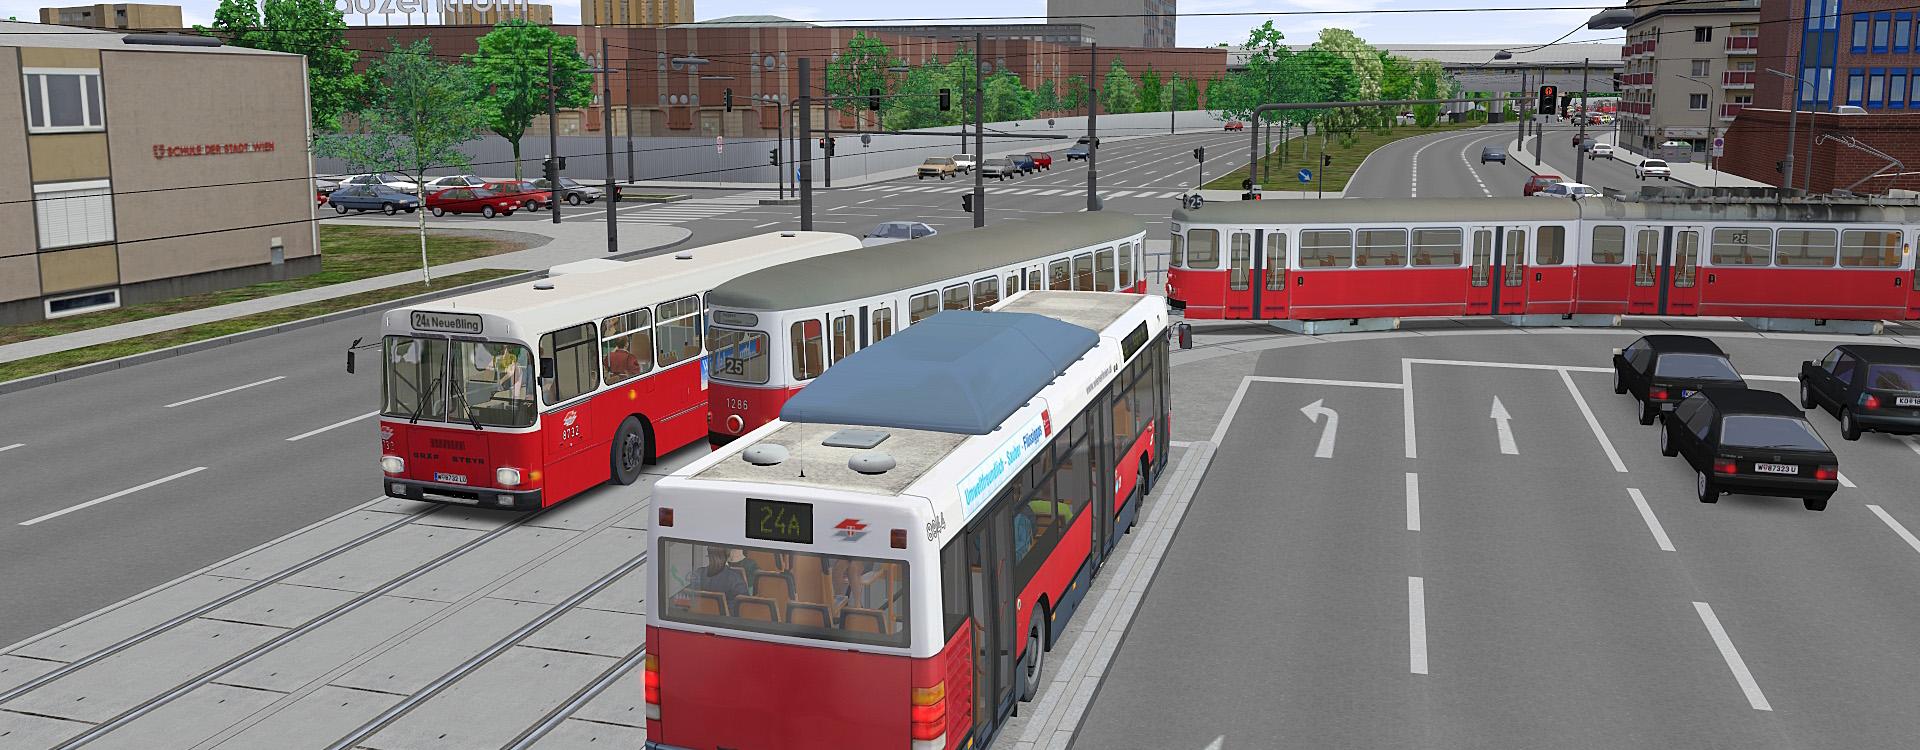 Omsi 2 bus simulator download free full version | OMSI The